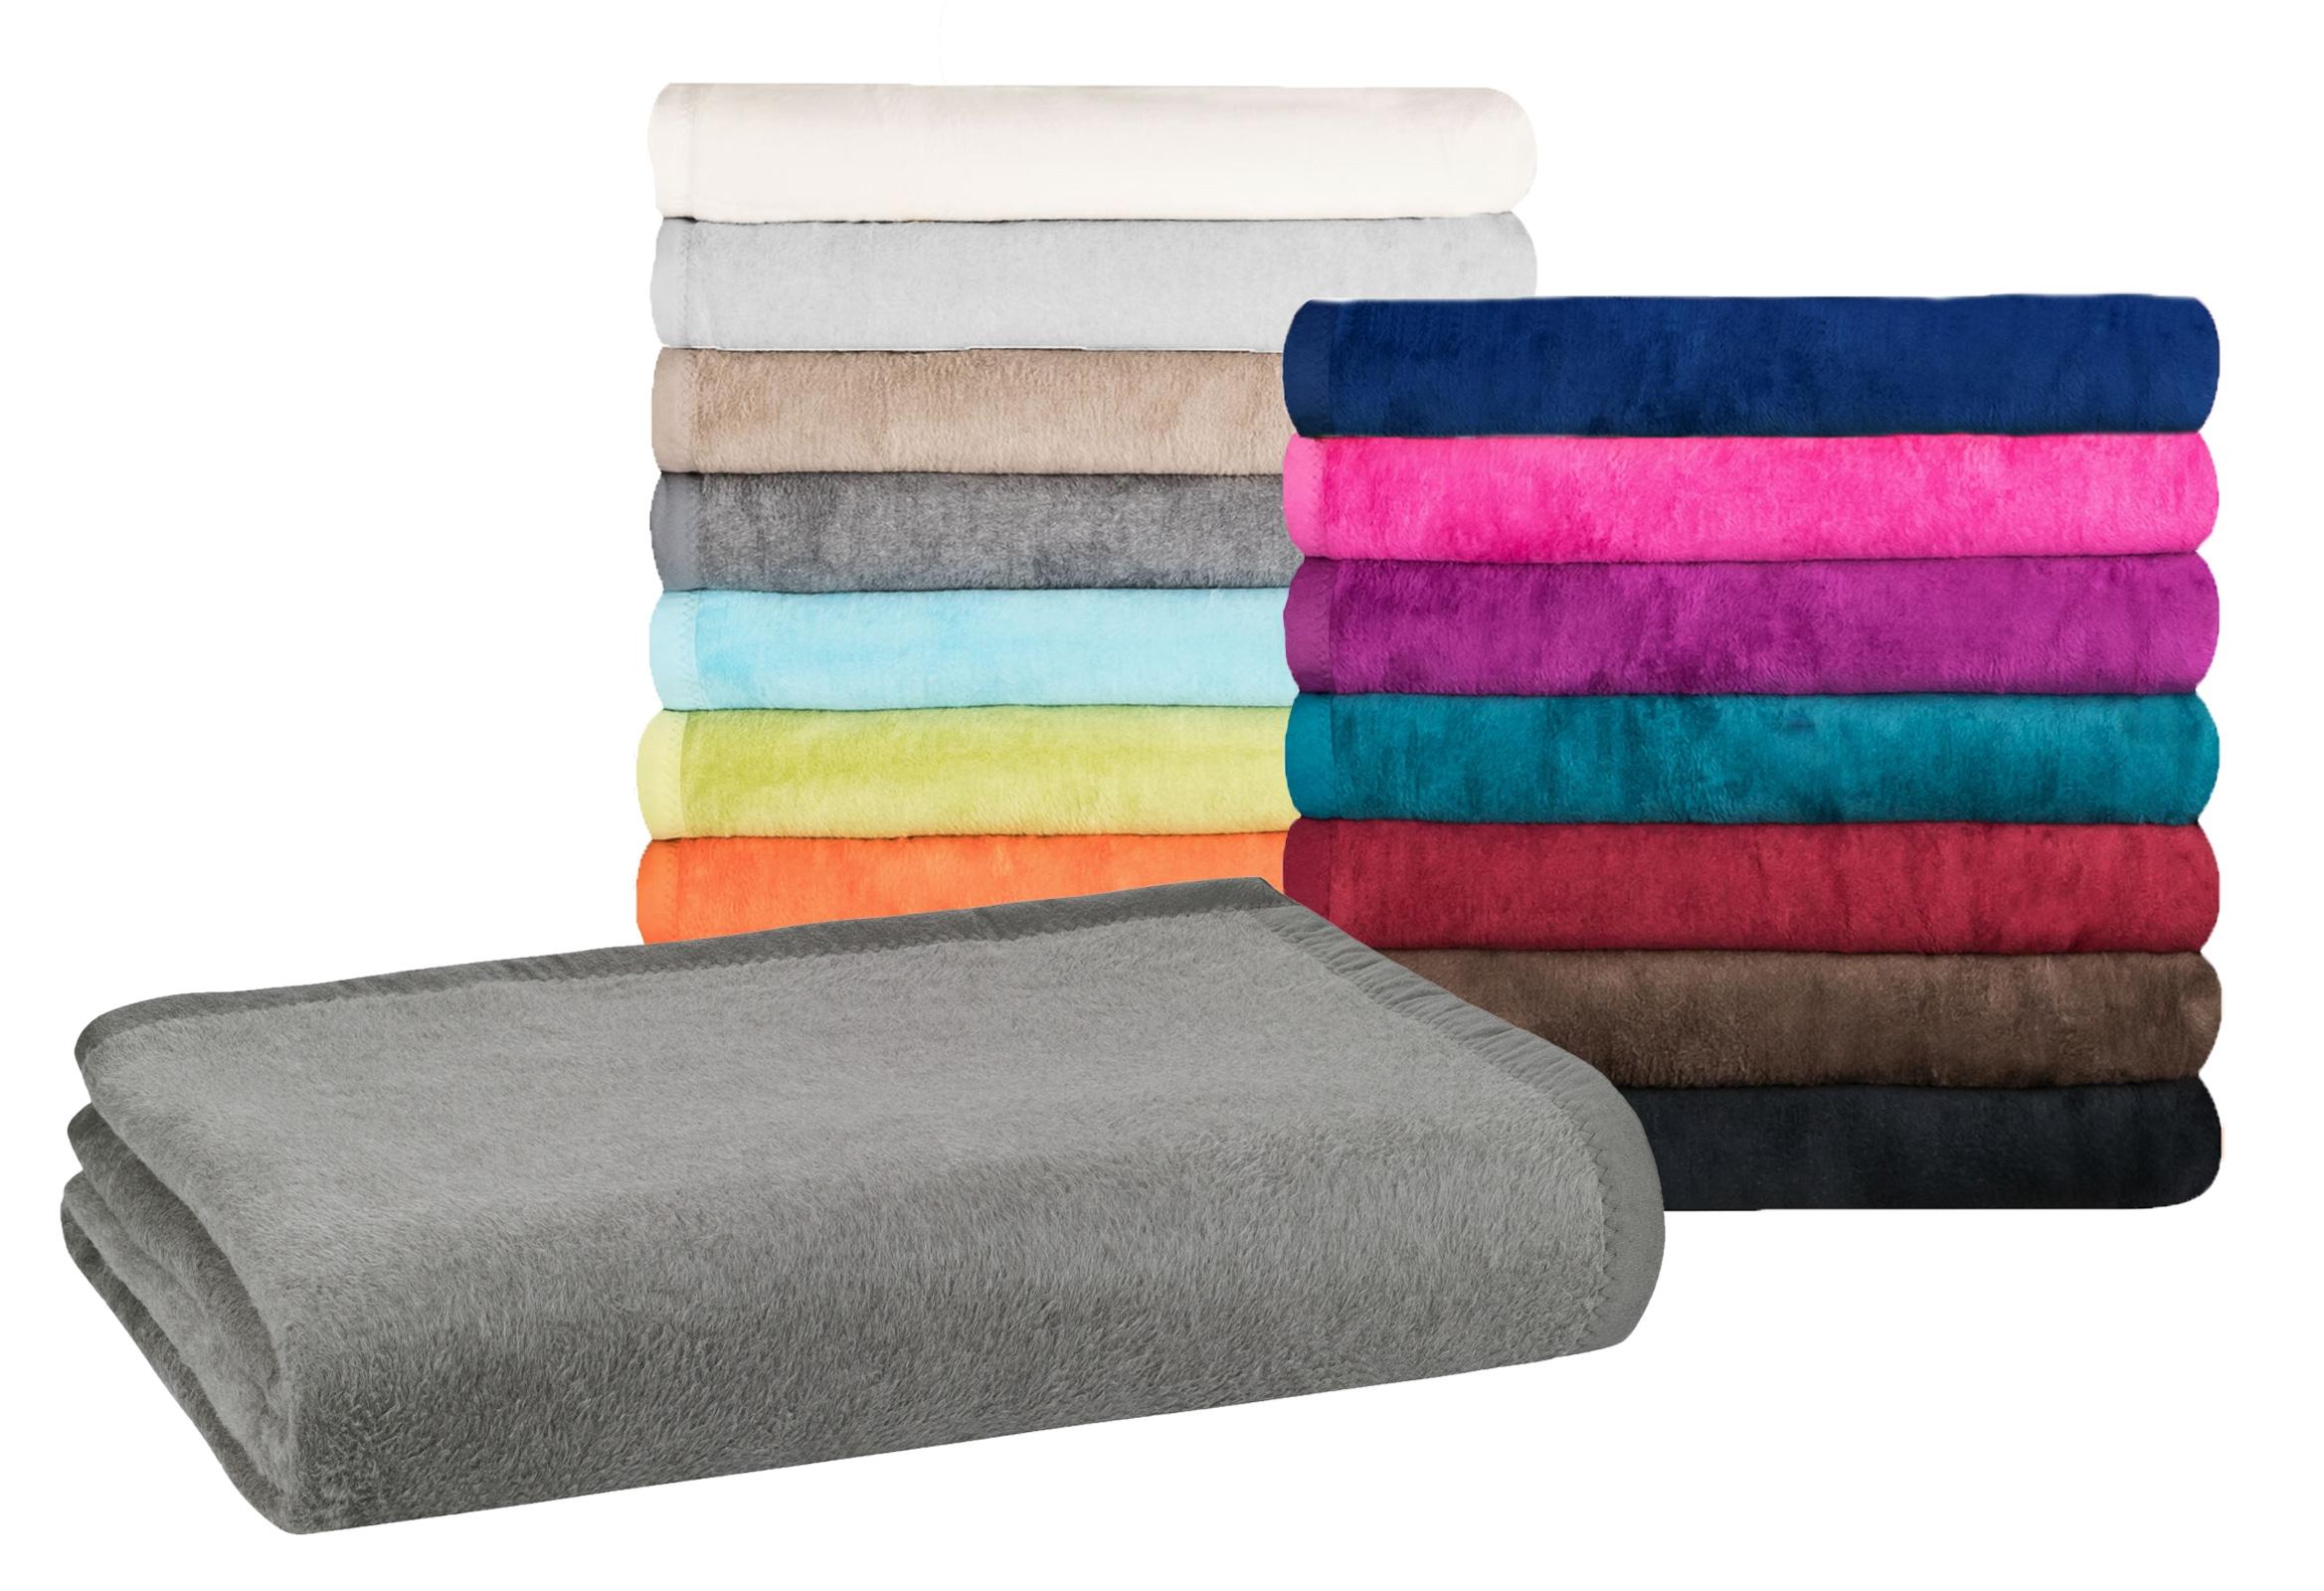 Wohndecken und Kissen - MOON Classic Kuscheldecke Übergröße 220x240 cm Wolldecke einfarbig, pflegeleichte Baumwollmischung  - Onlineshop PremiumShop321